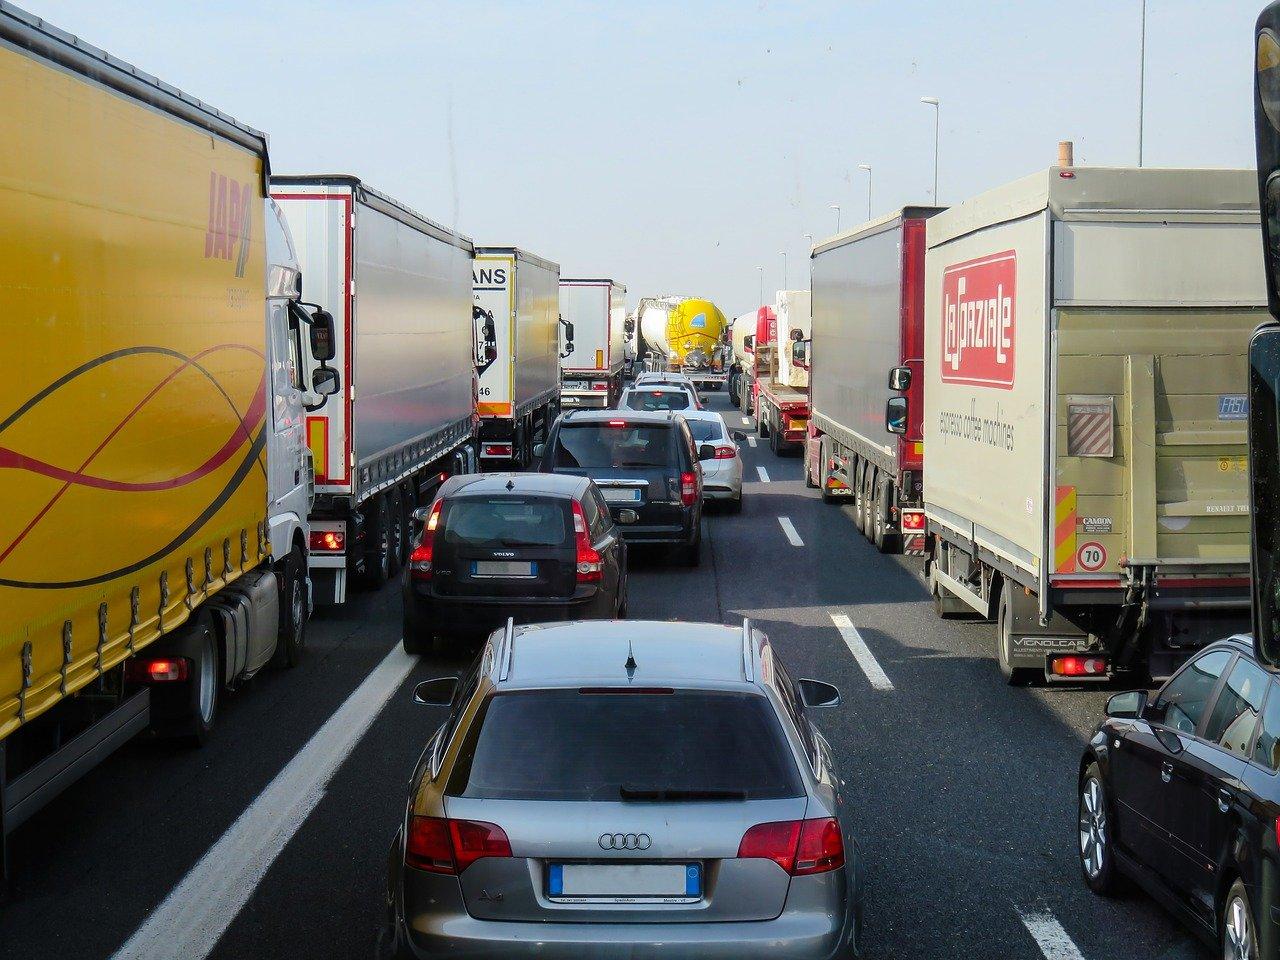 Alternativen zum geplanten Ausbau der Autobahn A4